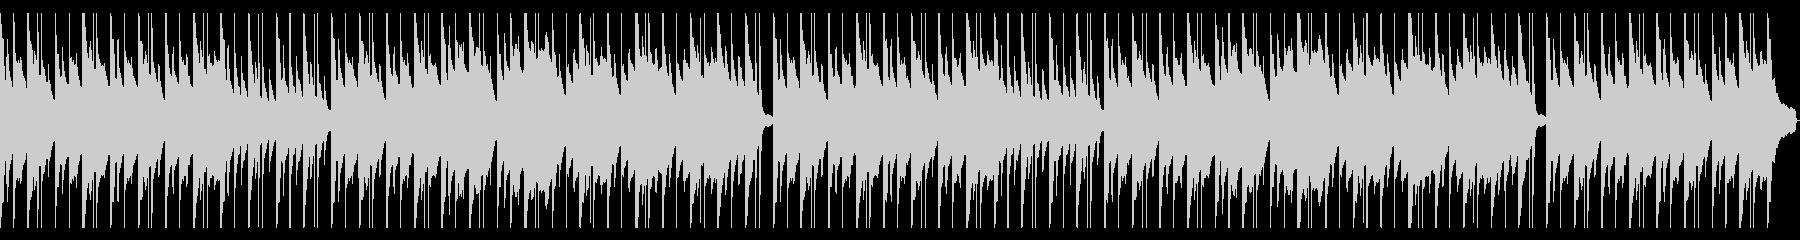 夕暮れ/動物/ピアノ/眠る/ハープ/柔軟の未再生の波形